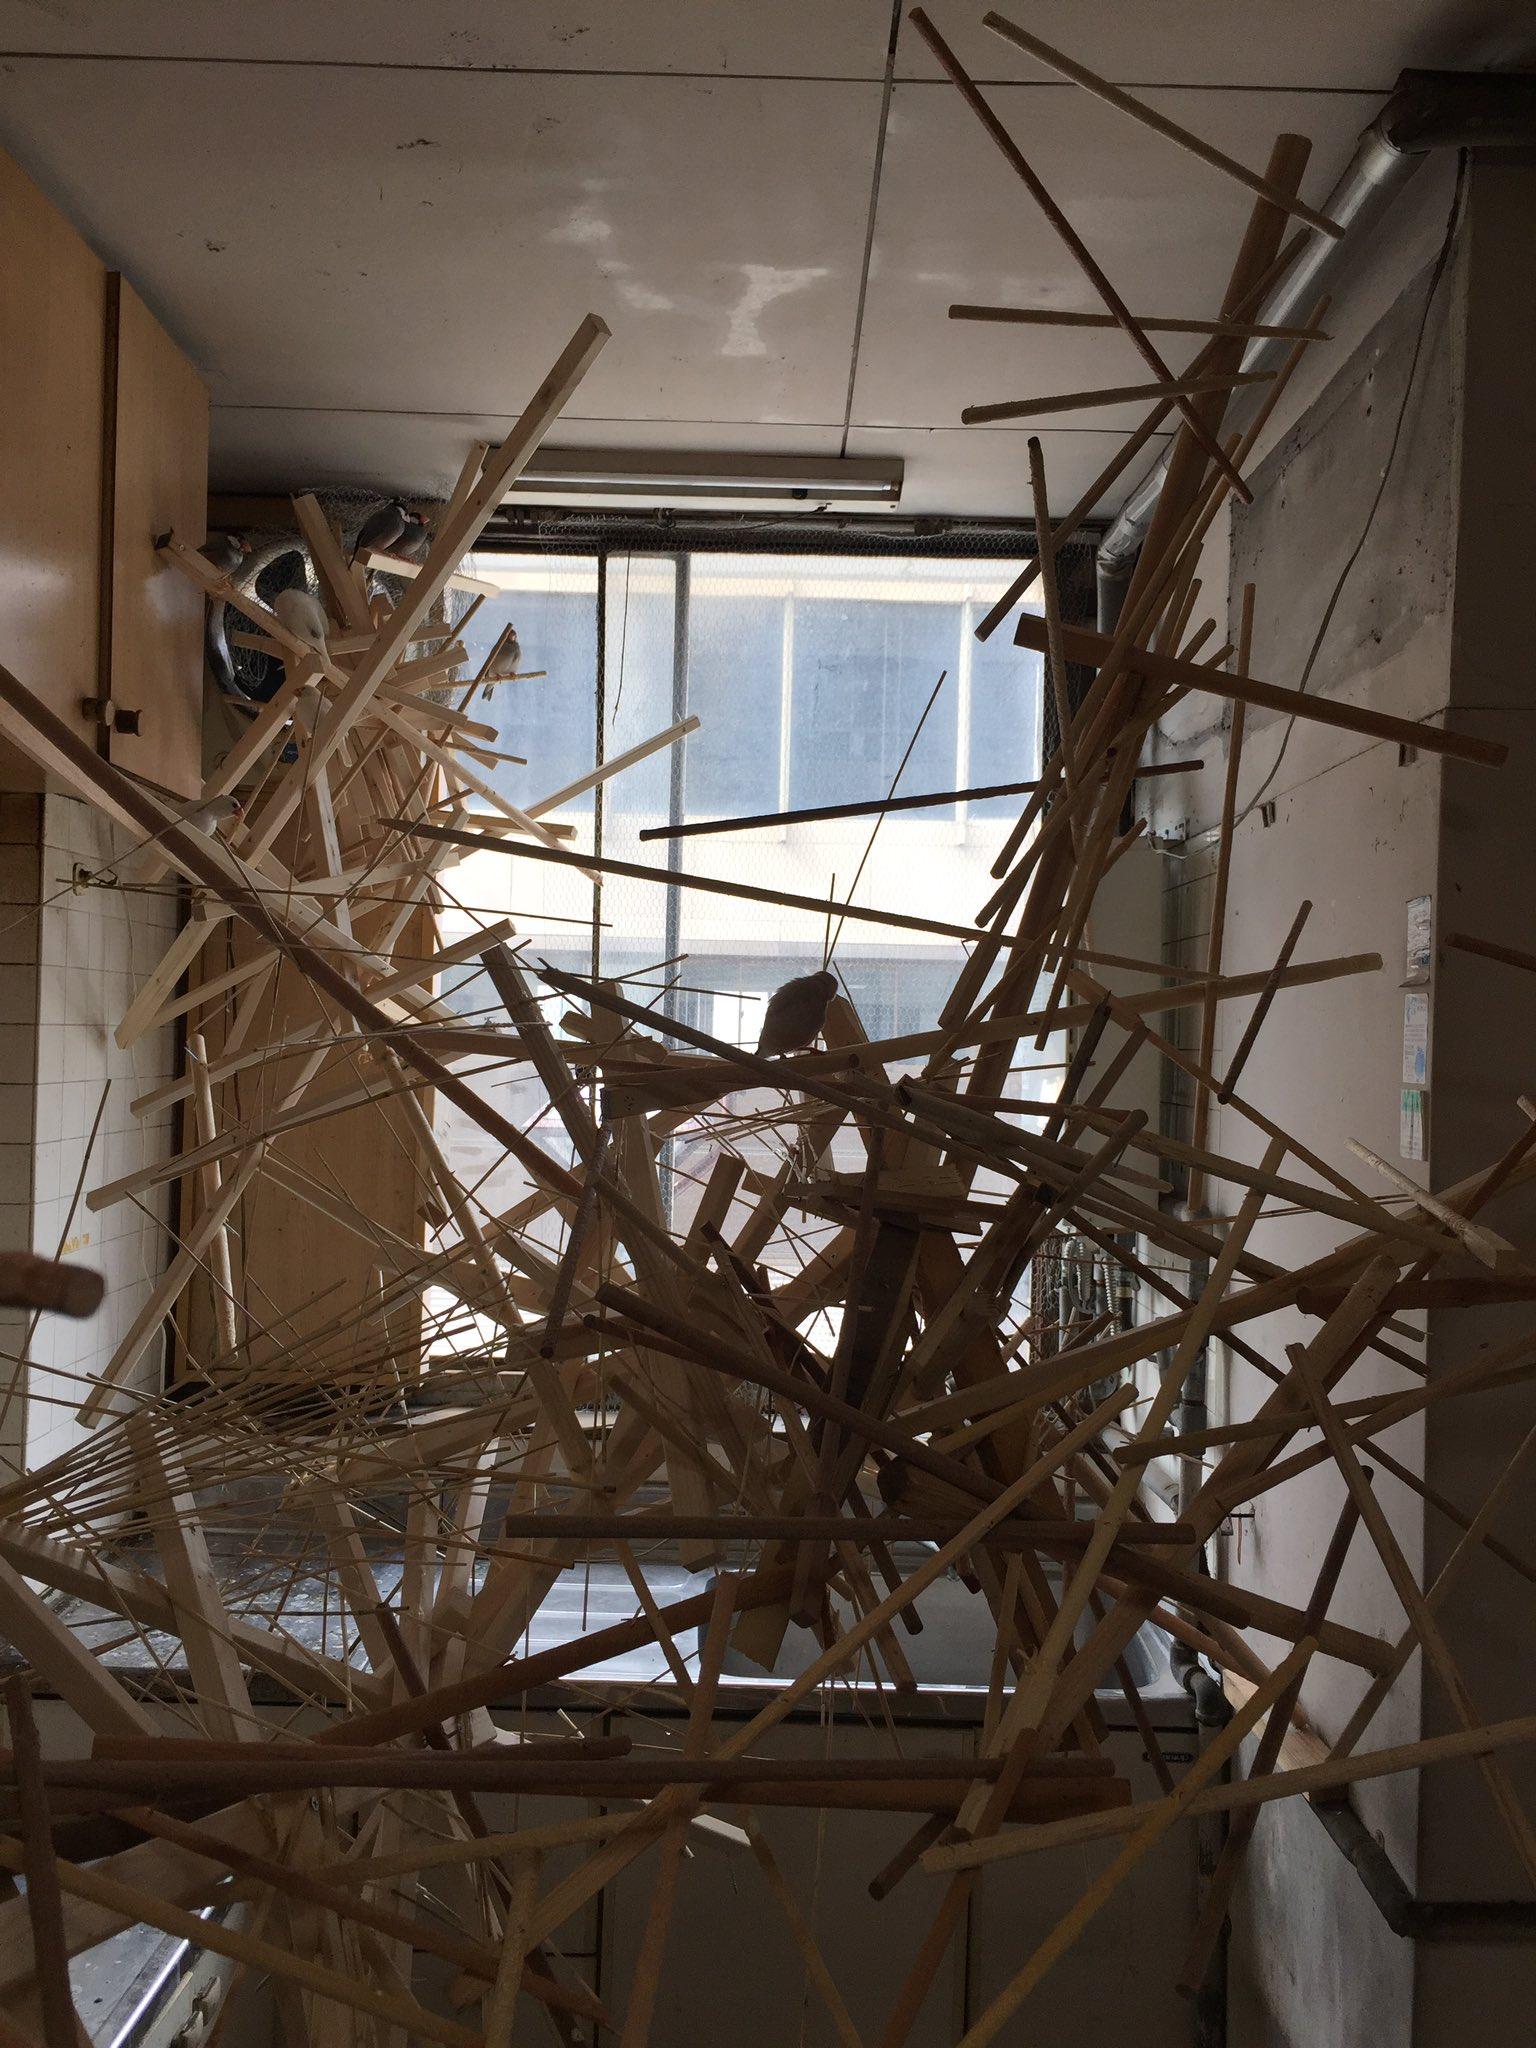 画像,あいちトリエンナーレ、豊橋のラウラ・リマ作品。4階建ての小さな家が丸ごと、小鳥の家になってる。人間は二重ドアになった金網から「おじゃまします」って言いながら入る…